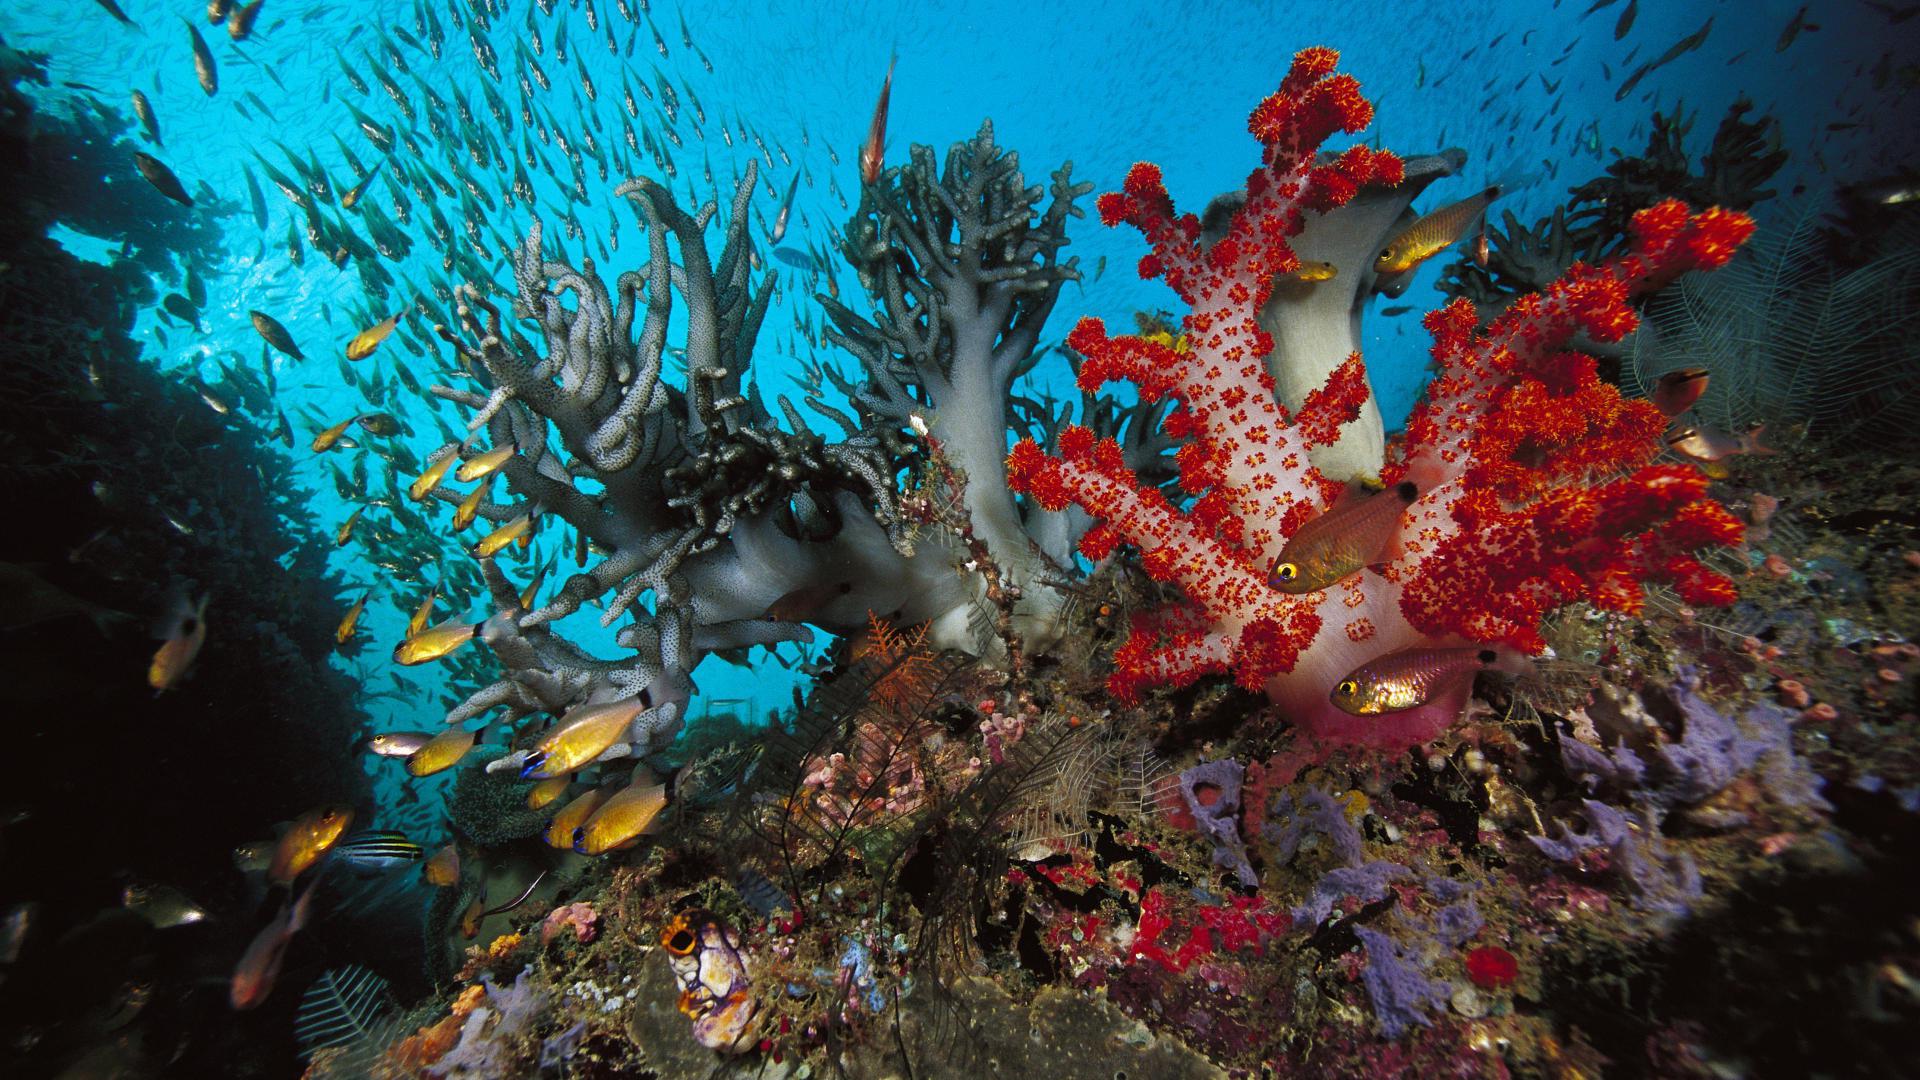 coral reef wallpaper in hd wallpapersafari